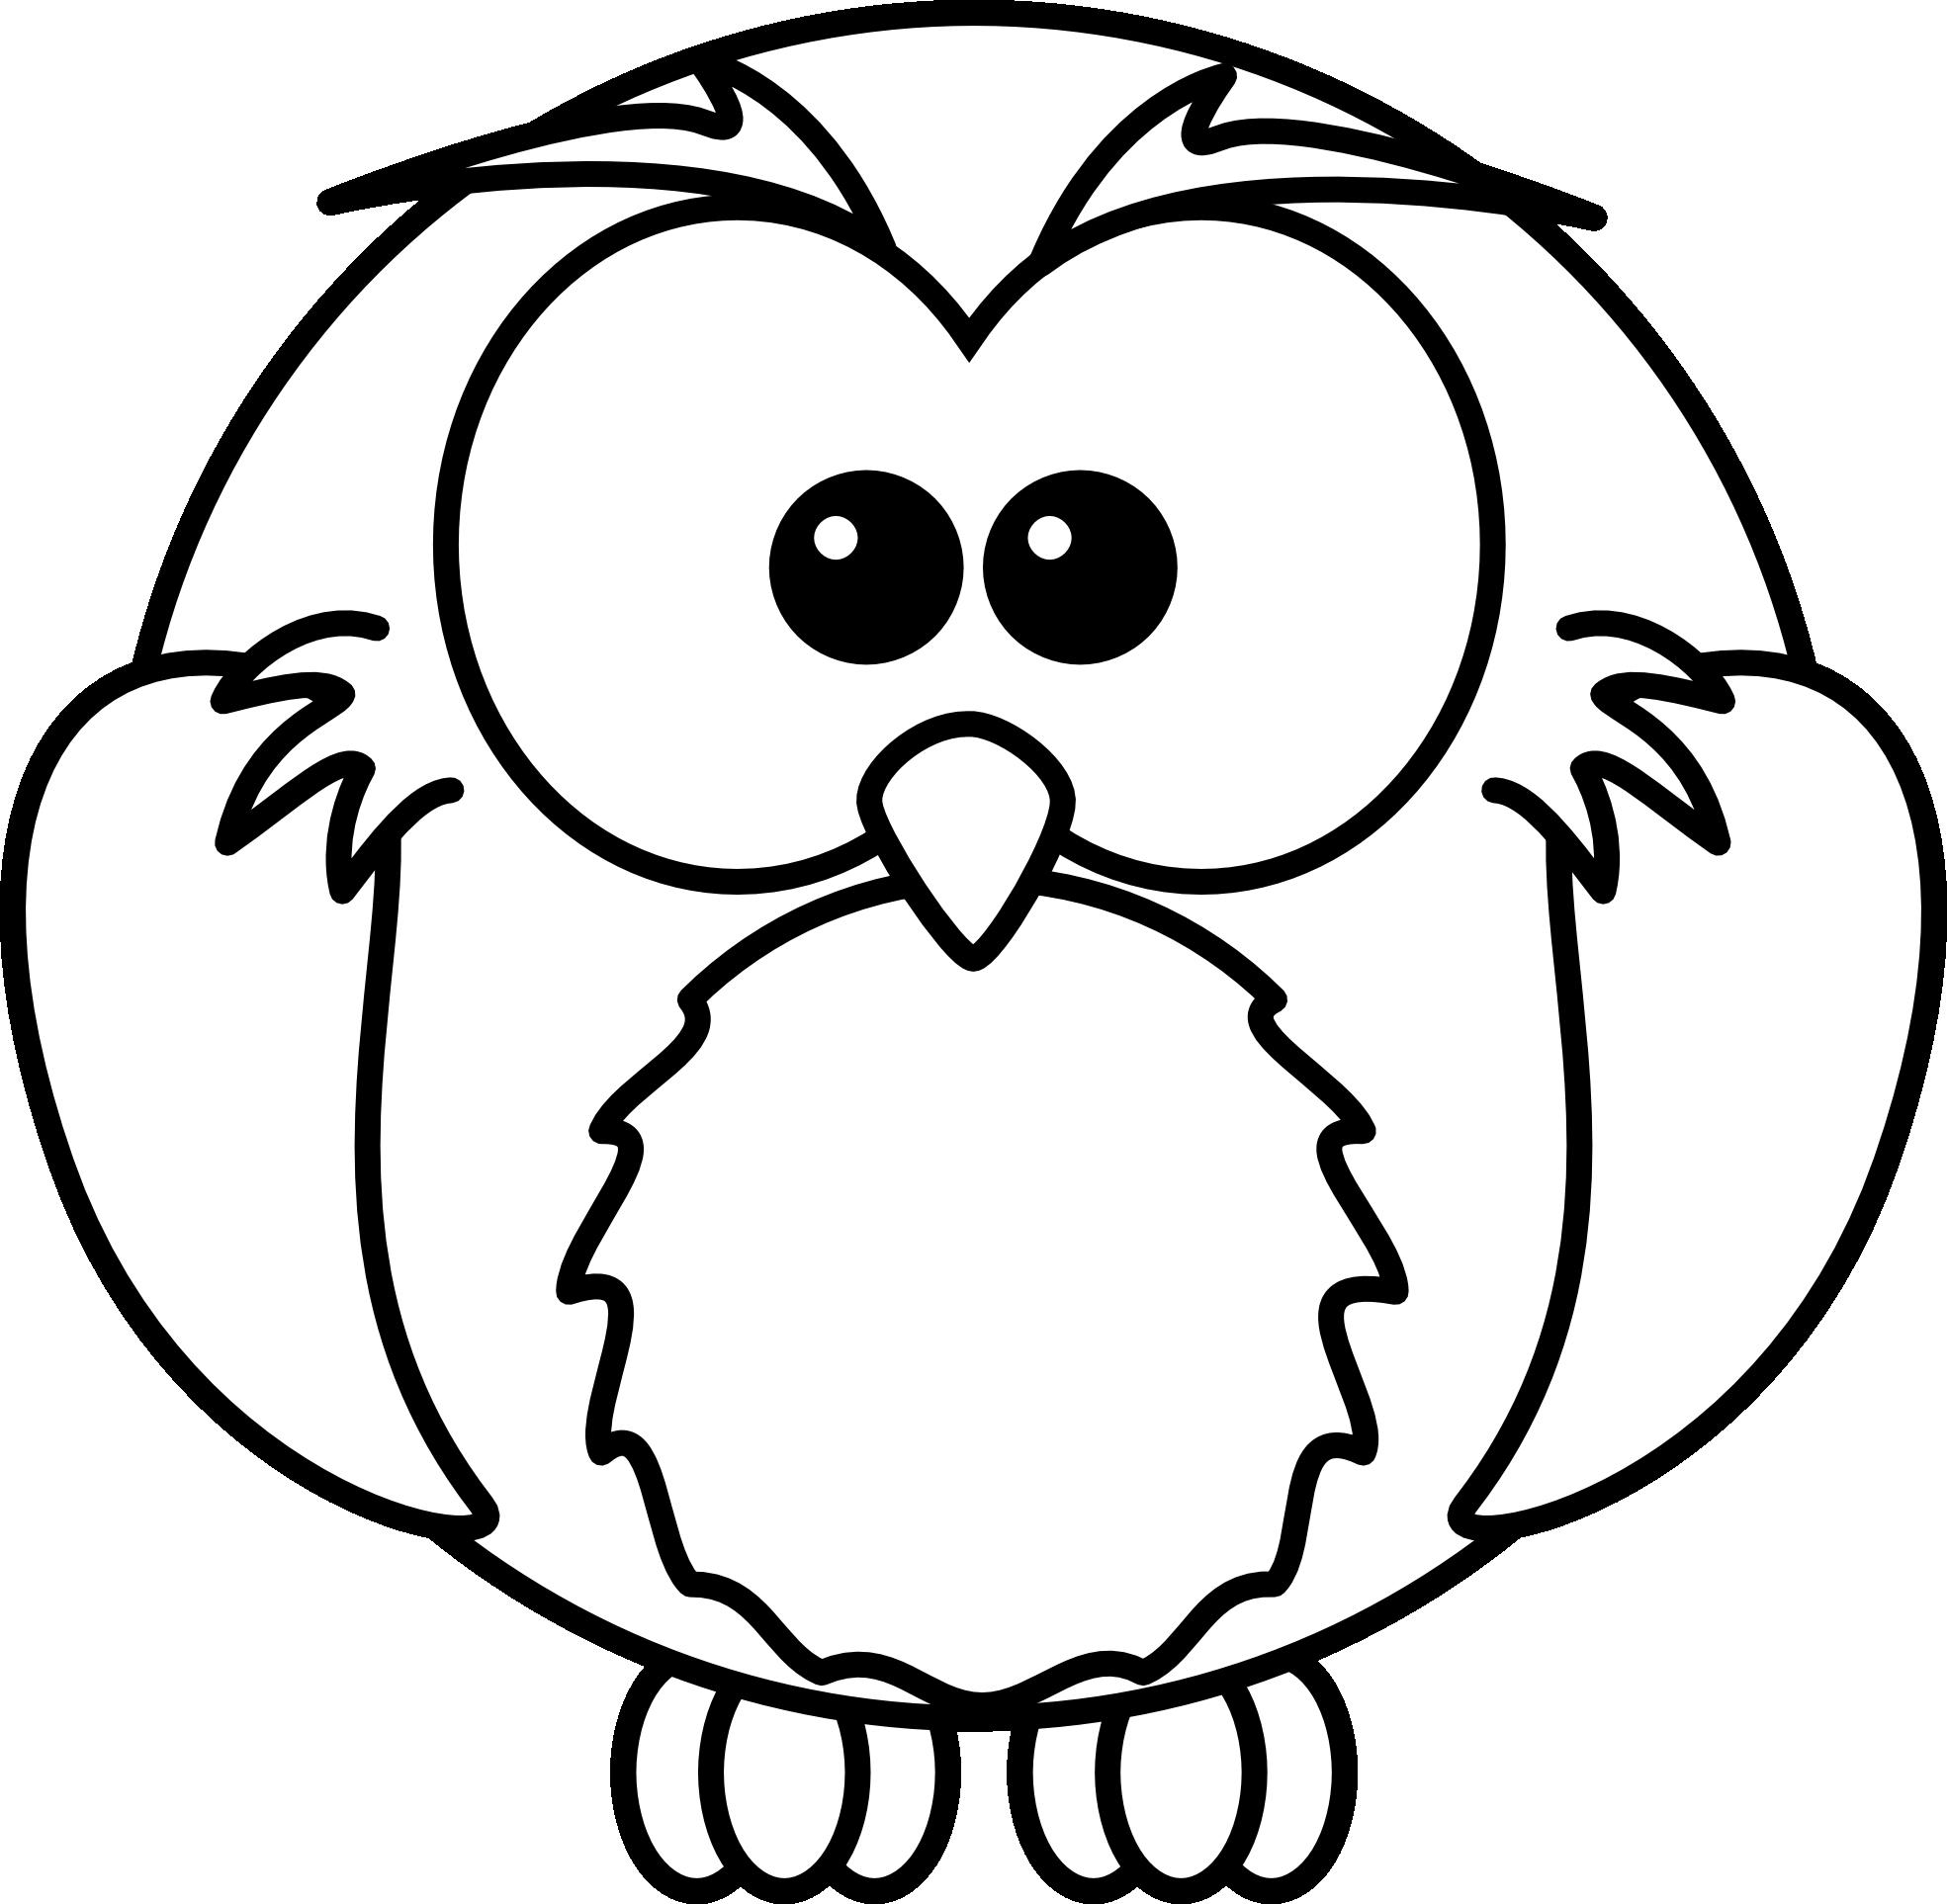 Cute Baby Owl Drawings | Free download best Cute Baby Owl ...